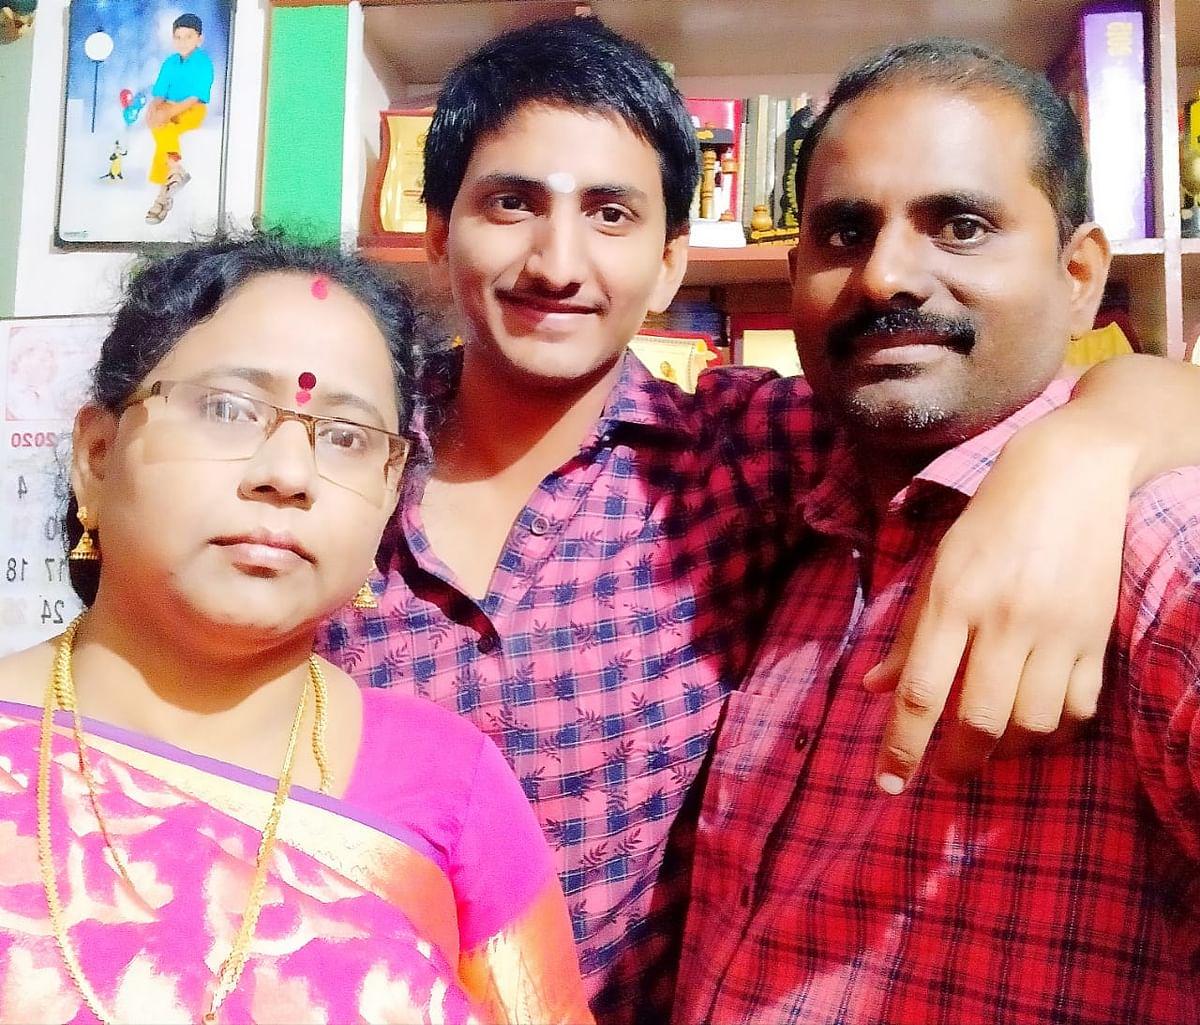 மேதாசங்கர் பெற்றோர் மணி.கணேசன் -அமுதா